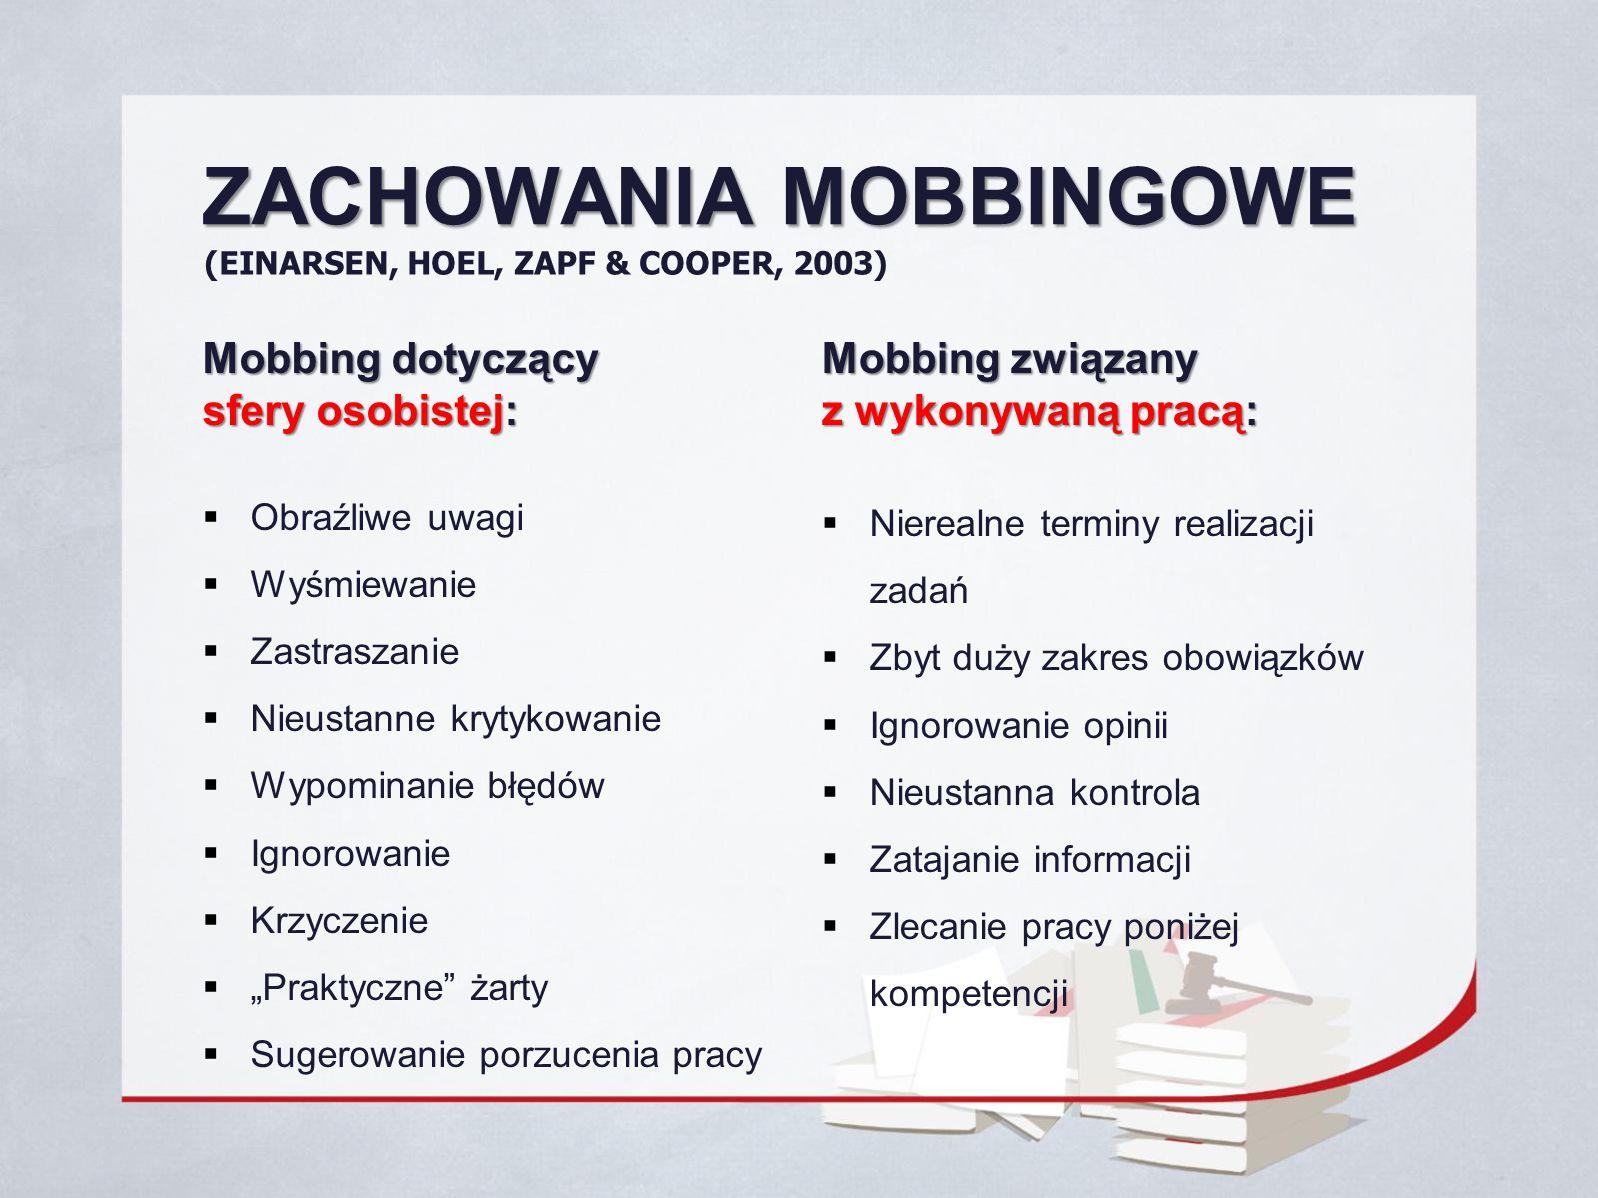 ZACHOWANIA MOBBINGOWE (EINARSEN, HOEL, ZAPF & COOPER, 2003) Mobbing dotyczący sfery osobistej:  Obraźliwe uwagi  Wyśmiewanie  Zastraszanie  Nieust